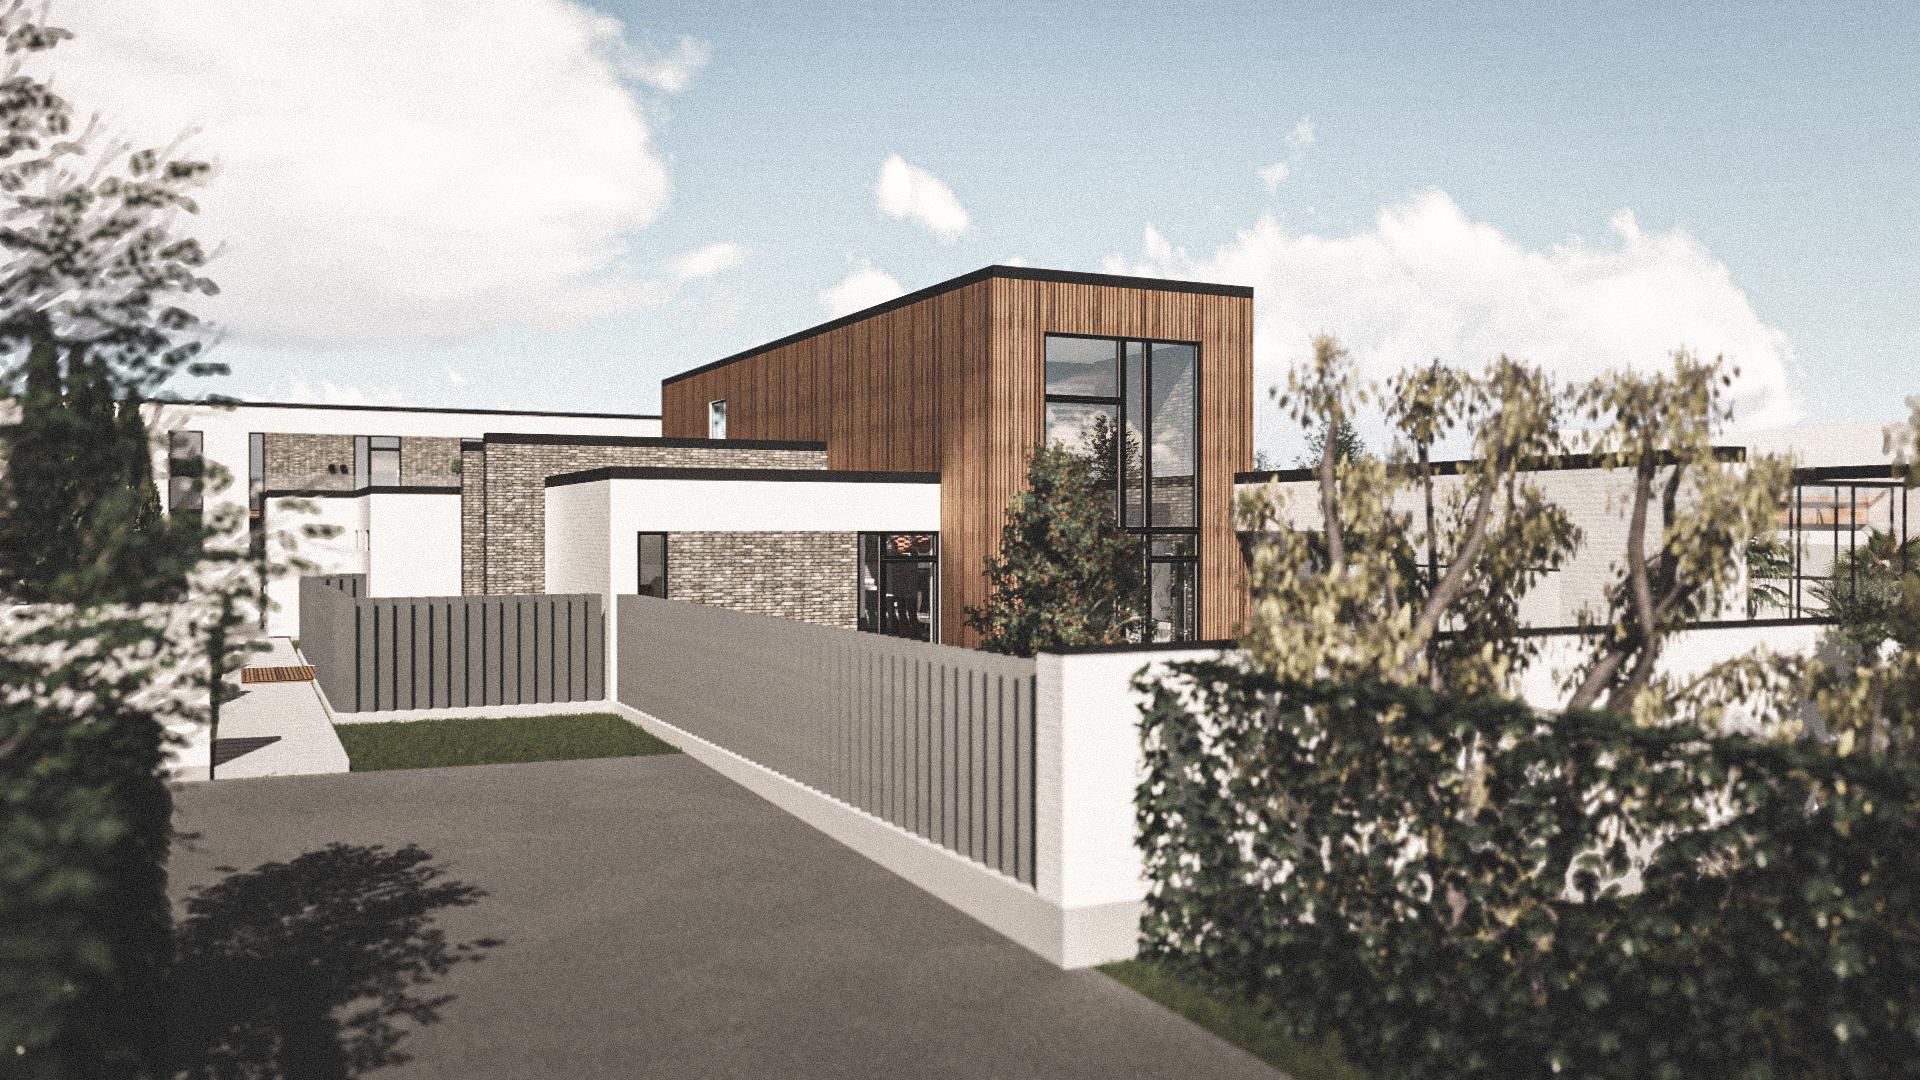 Billede af Dansk arkitekttegnet 2 plan villa af arkitektfirmaet m2plus, i Amager på 671 kvartratmeter.